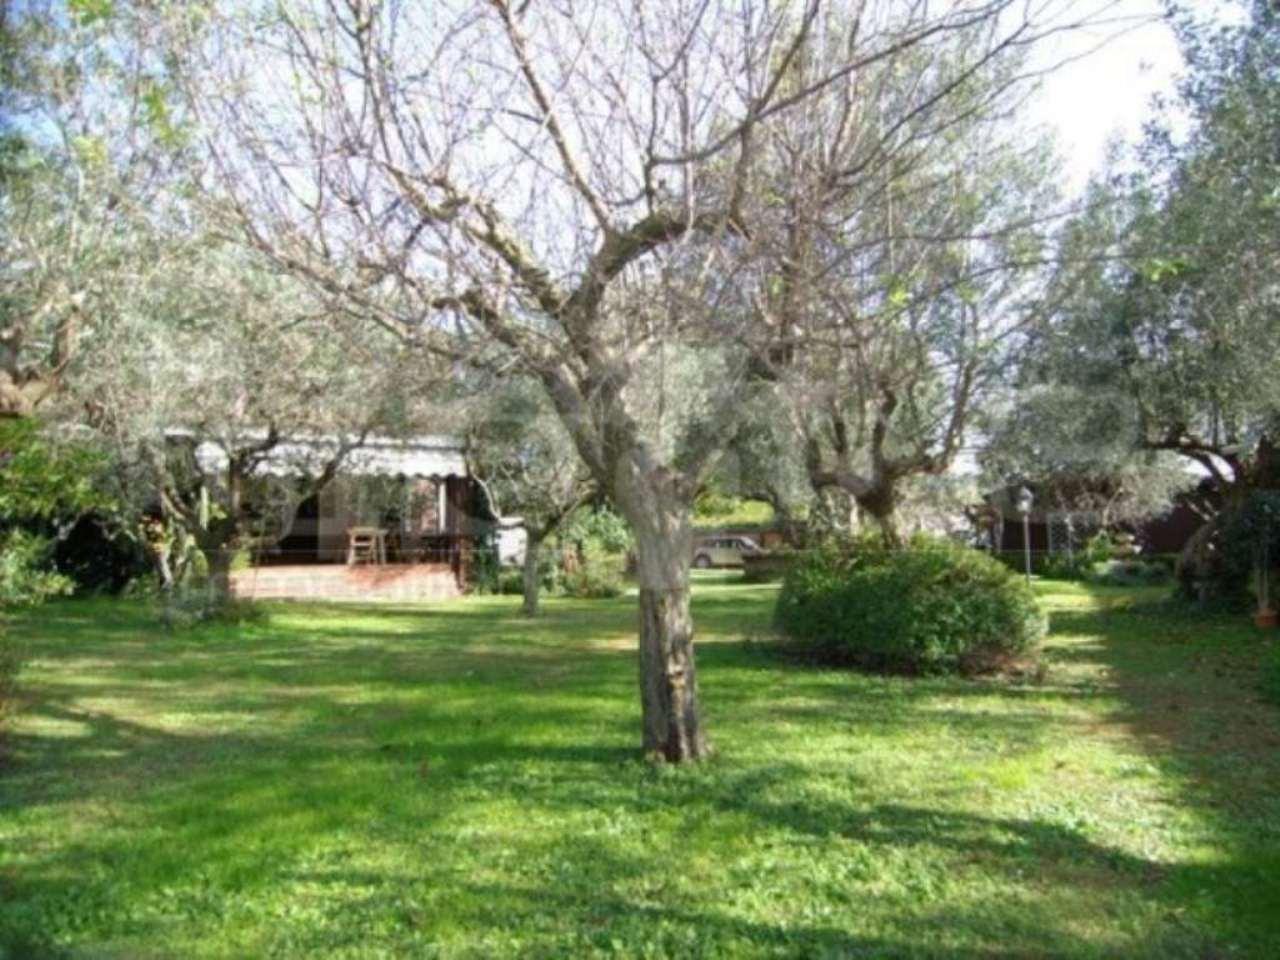 Villa in vendita a Castel Gandolfo, 6 locali, prezzo € 970.000 | CambioCasa.it